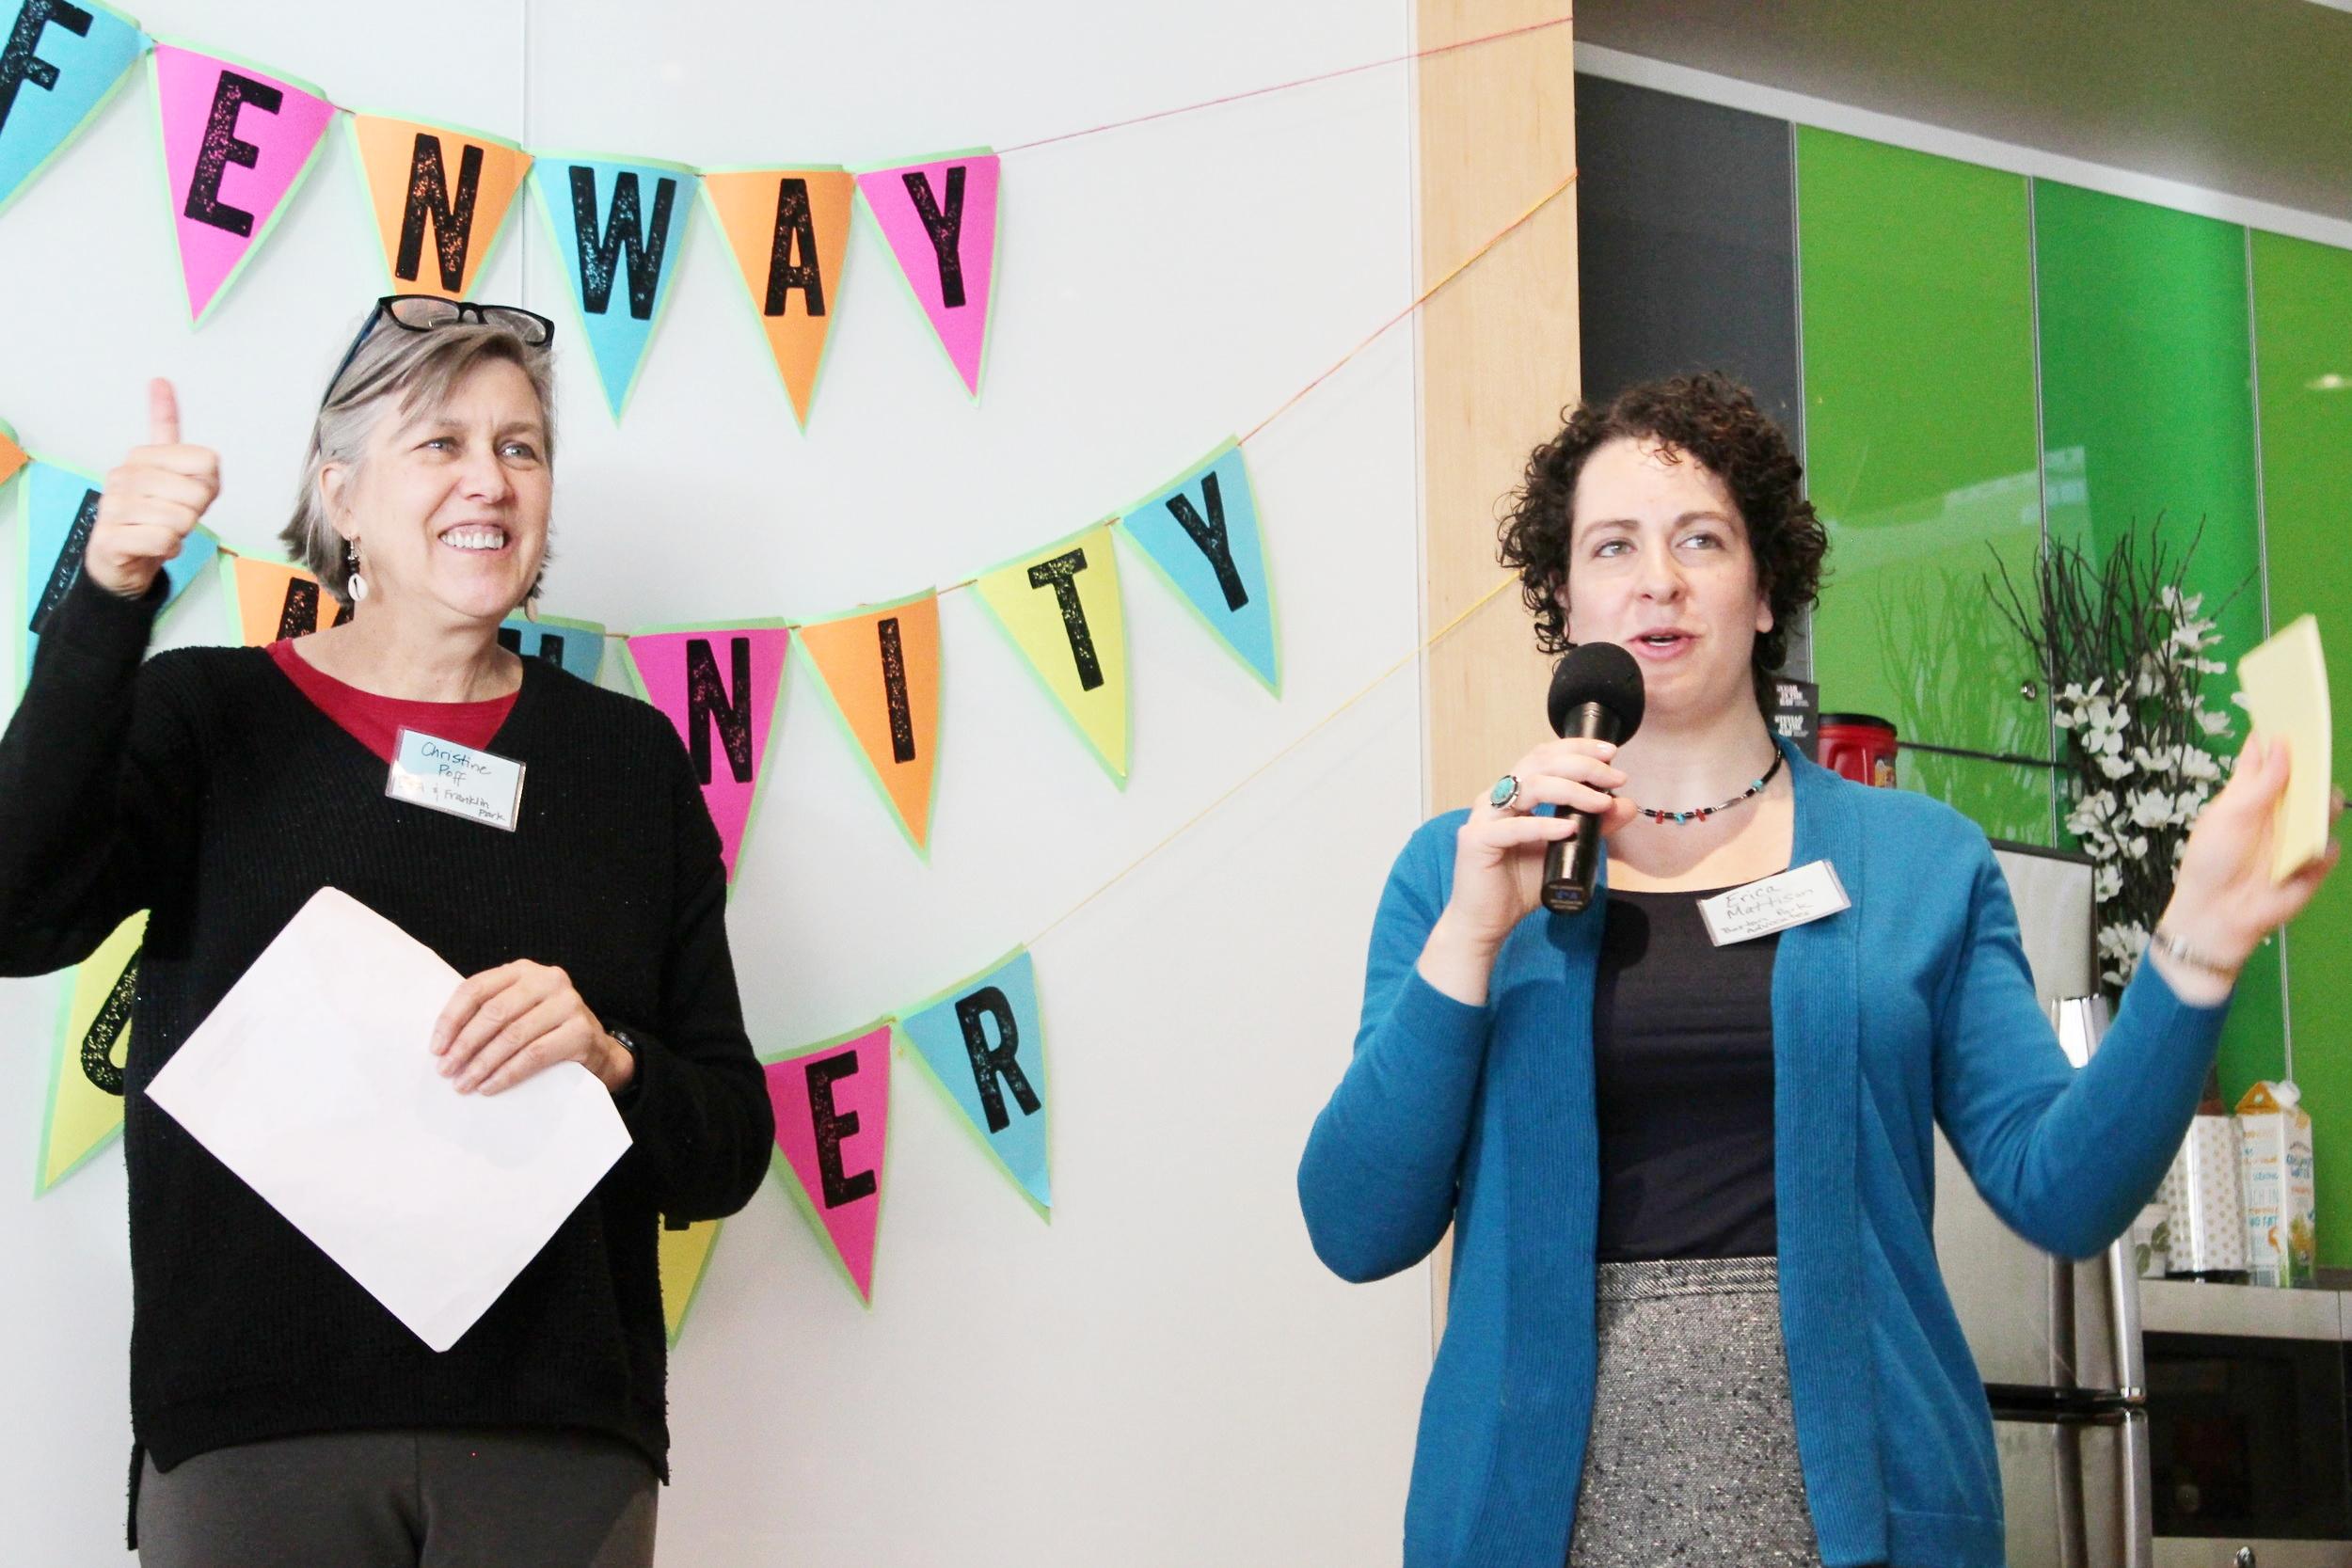 Erica (right) facilitating a 2017 Advocacy Summit for Boston Park Advocates